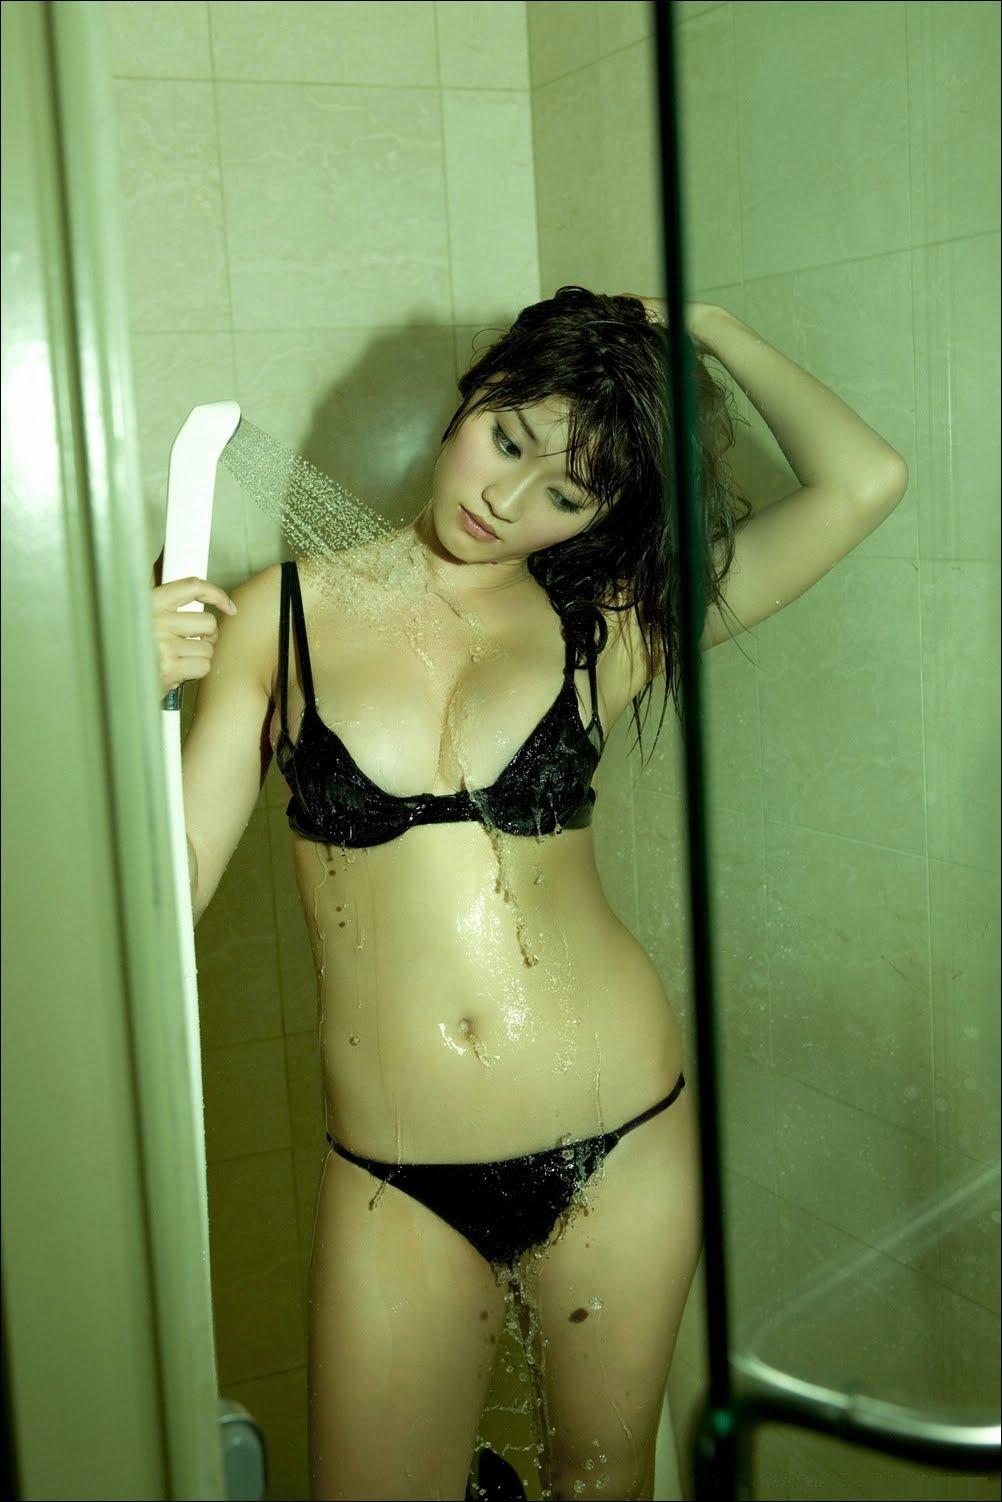 https://i1.wp.com/4.bp.blogspot.com/-fIej5Blxnis/Ths7C0qvZPI/AAAAAAAAAgQ/sEjHtDgifr4/s1600/ShowerPan2.jpg